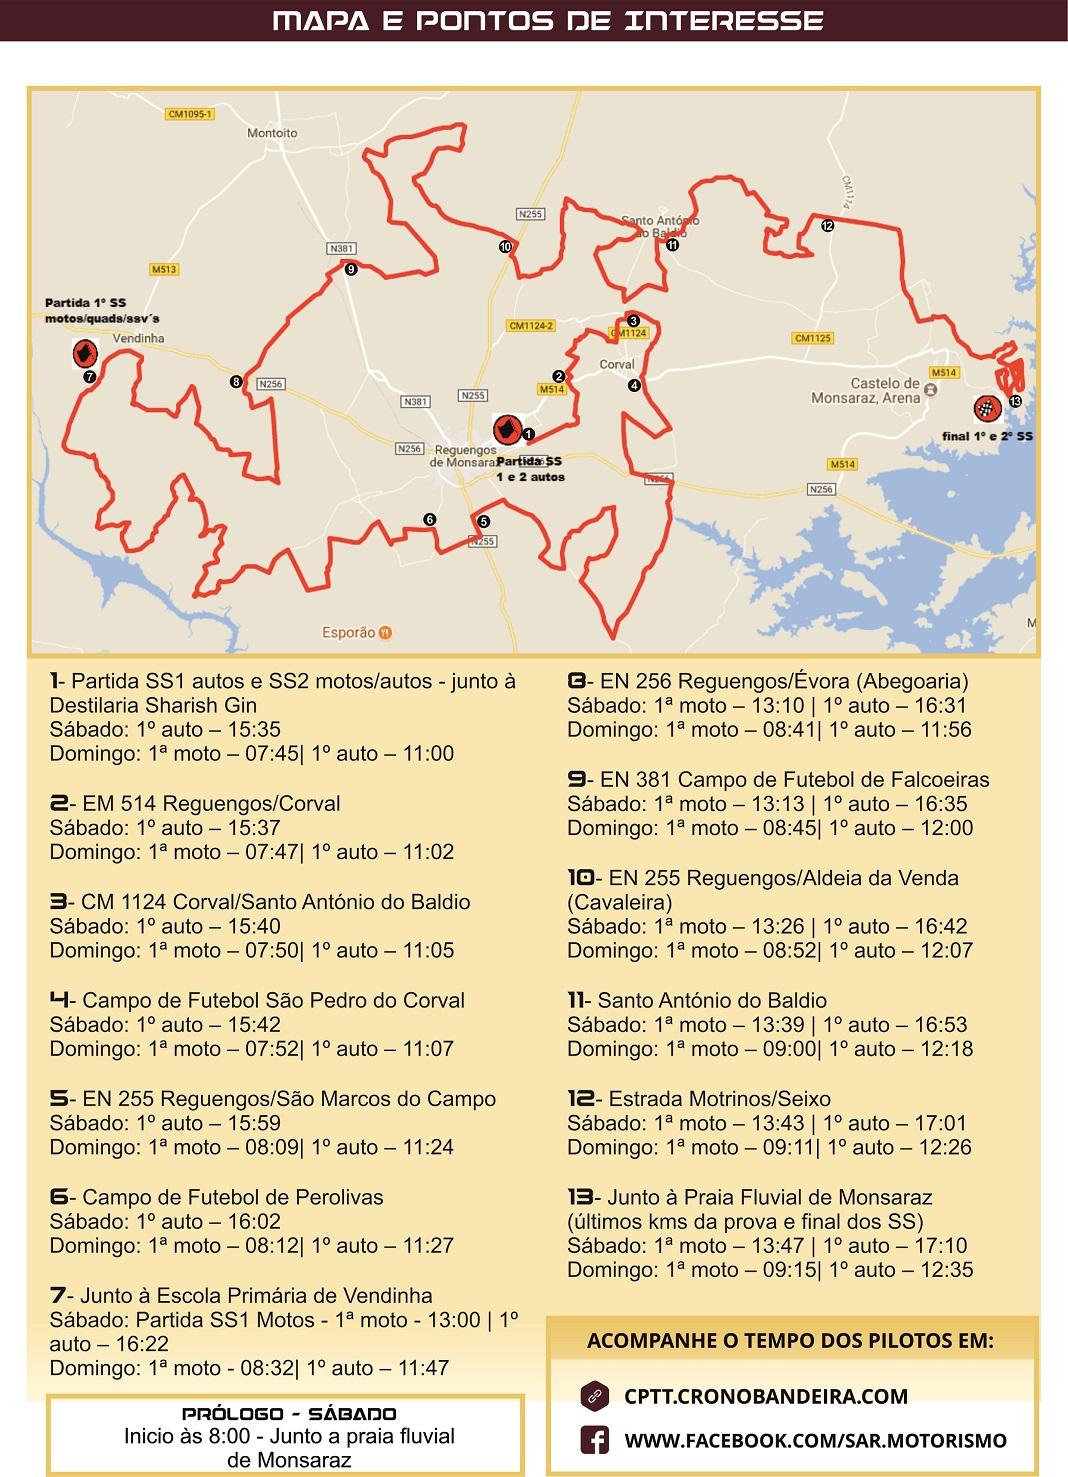 mapa e pontos de interesse da prova